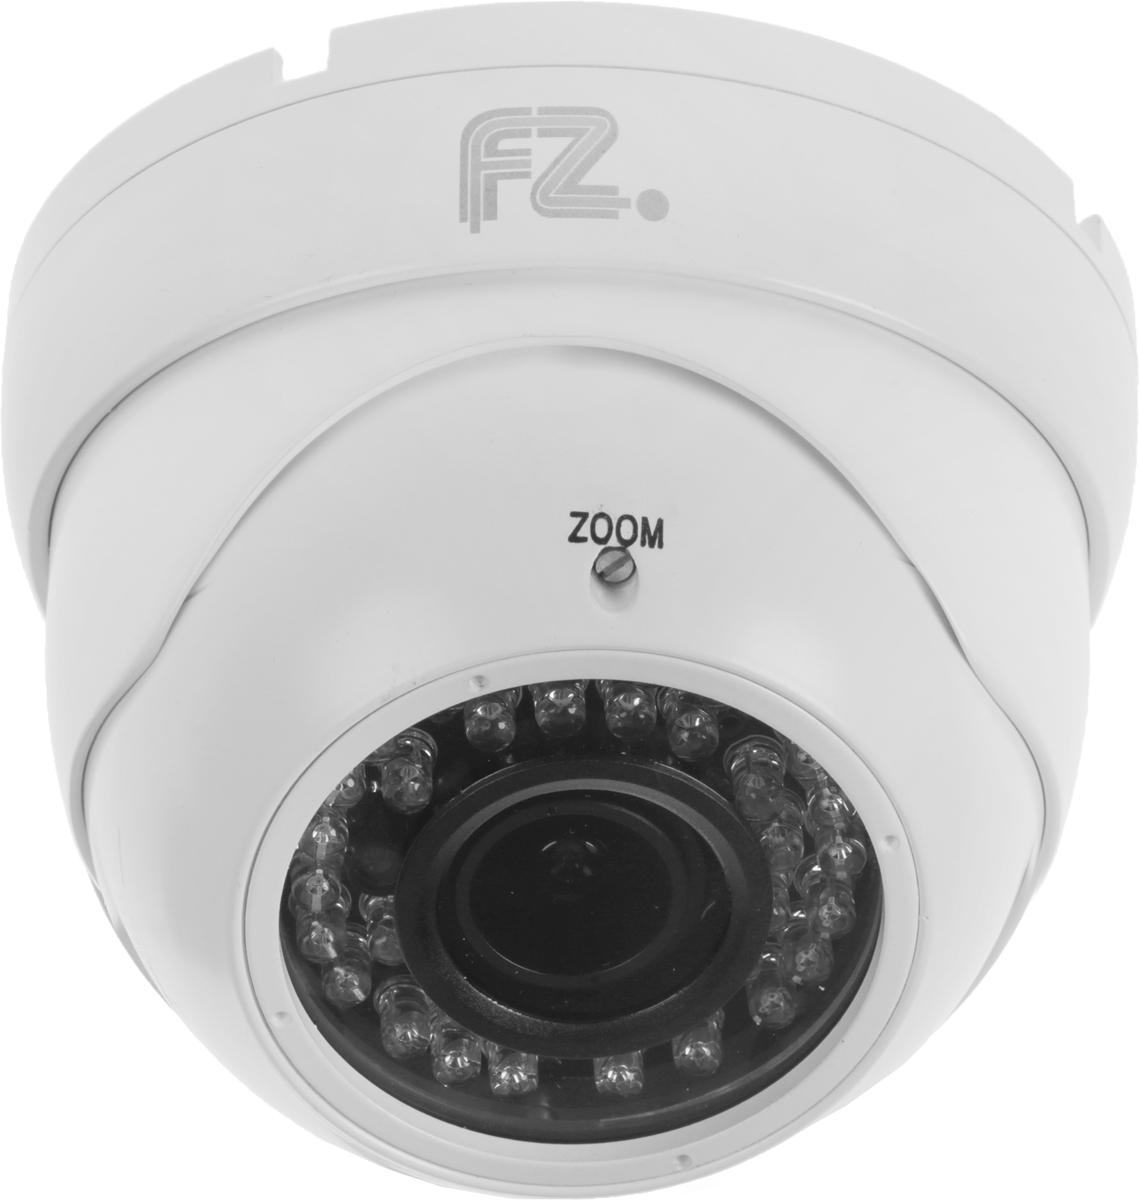 Fazera FZ-DVIR36-1080 камера видеонаблюденияFZ-DVIR36-1080Благодаря наличию инфракрасной подсветки дальностью 30 метров, и надежной защитой от атмосферных воздействий в широком диапазоне температур, камера видеонаблюдения Fazera FZ-DVIR36-1080 может эксплуатироваться на таких объектах, как уличные паркинги, складские помещения, отели, жилые дома и т.д.В основе камеры матрица 1/2.8 Sony Exmor IMX222 и процессор HiSilicon HI3516С благодаря чему уличная IP-камера Fazera FZ-DVIR36-1080 формирует изображение с разрешением до 1920x1080 пикселей, с качественной цветопередачей и повышенной контрастностью, что позволяет использовать видеокамеру на объектах с высокими требованиями к качеству видеосигнала, и в системах с видеоаналитикой.Матрица: 1/2.8 Sony Exmor IMX222Процессор: HiSilicon HI3516СМеханический ИК-фильтр с автопереключениемНастройки яркости, контраста, насыщенности через клиентское ПО или веб браузер